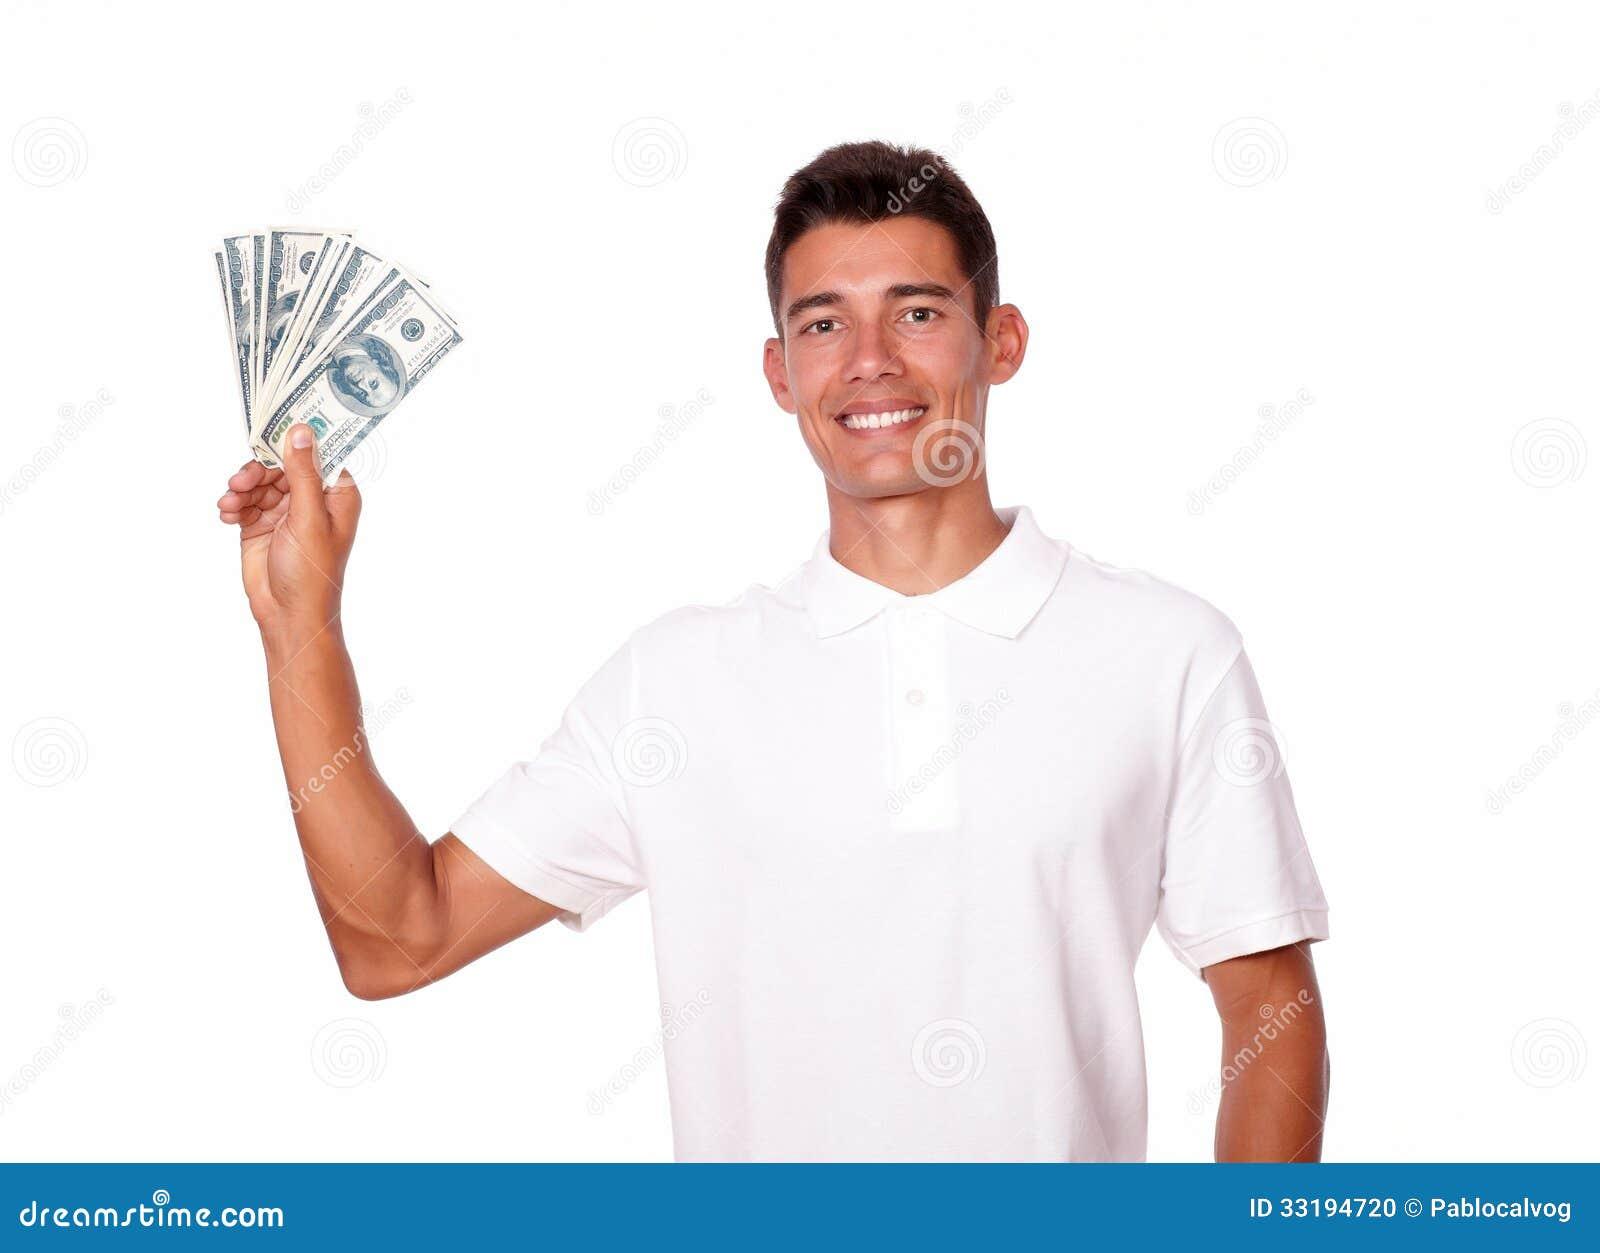 Муж держит все деньги в своих руках